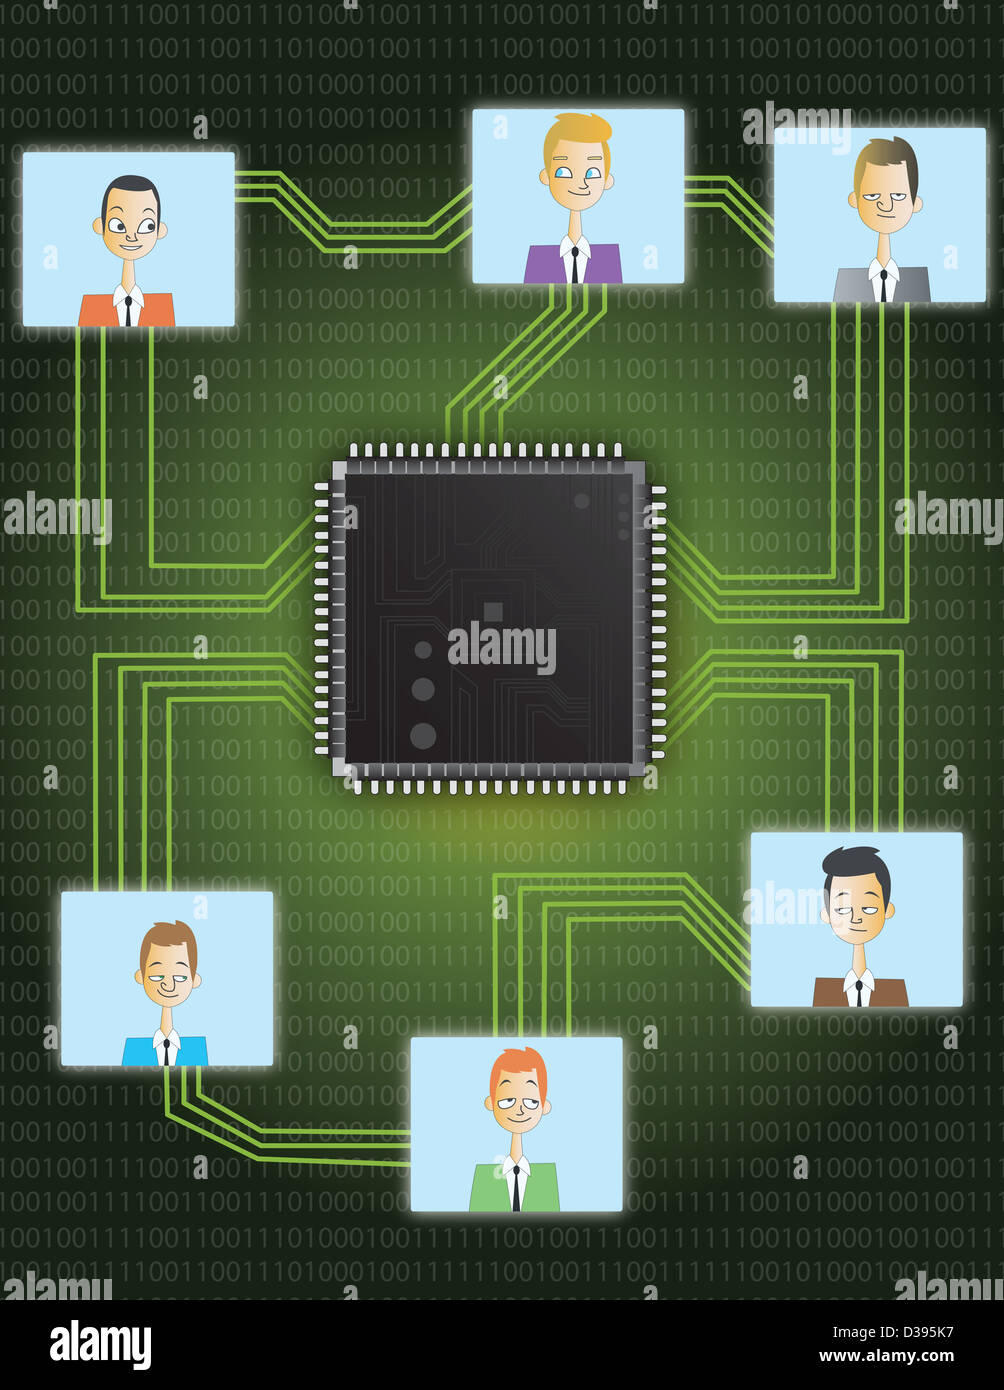 Illustration der Platine zeigt Geschäftsverbindungen Stockbild